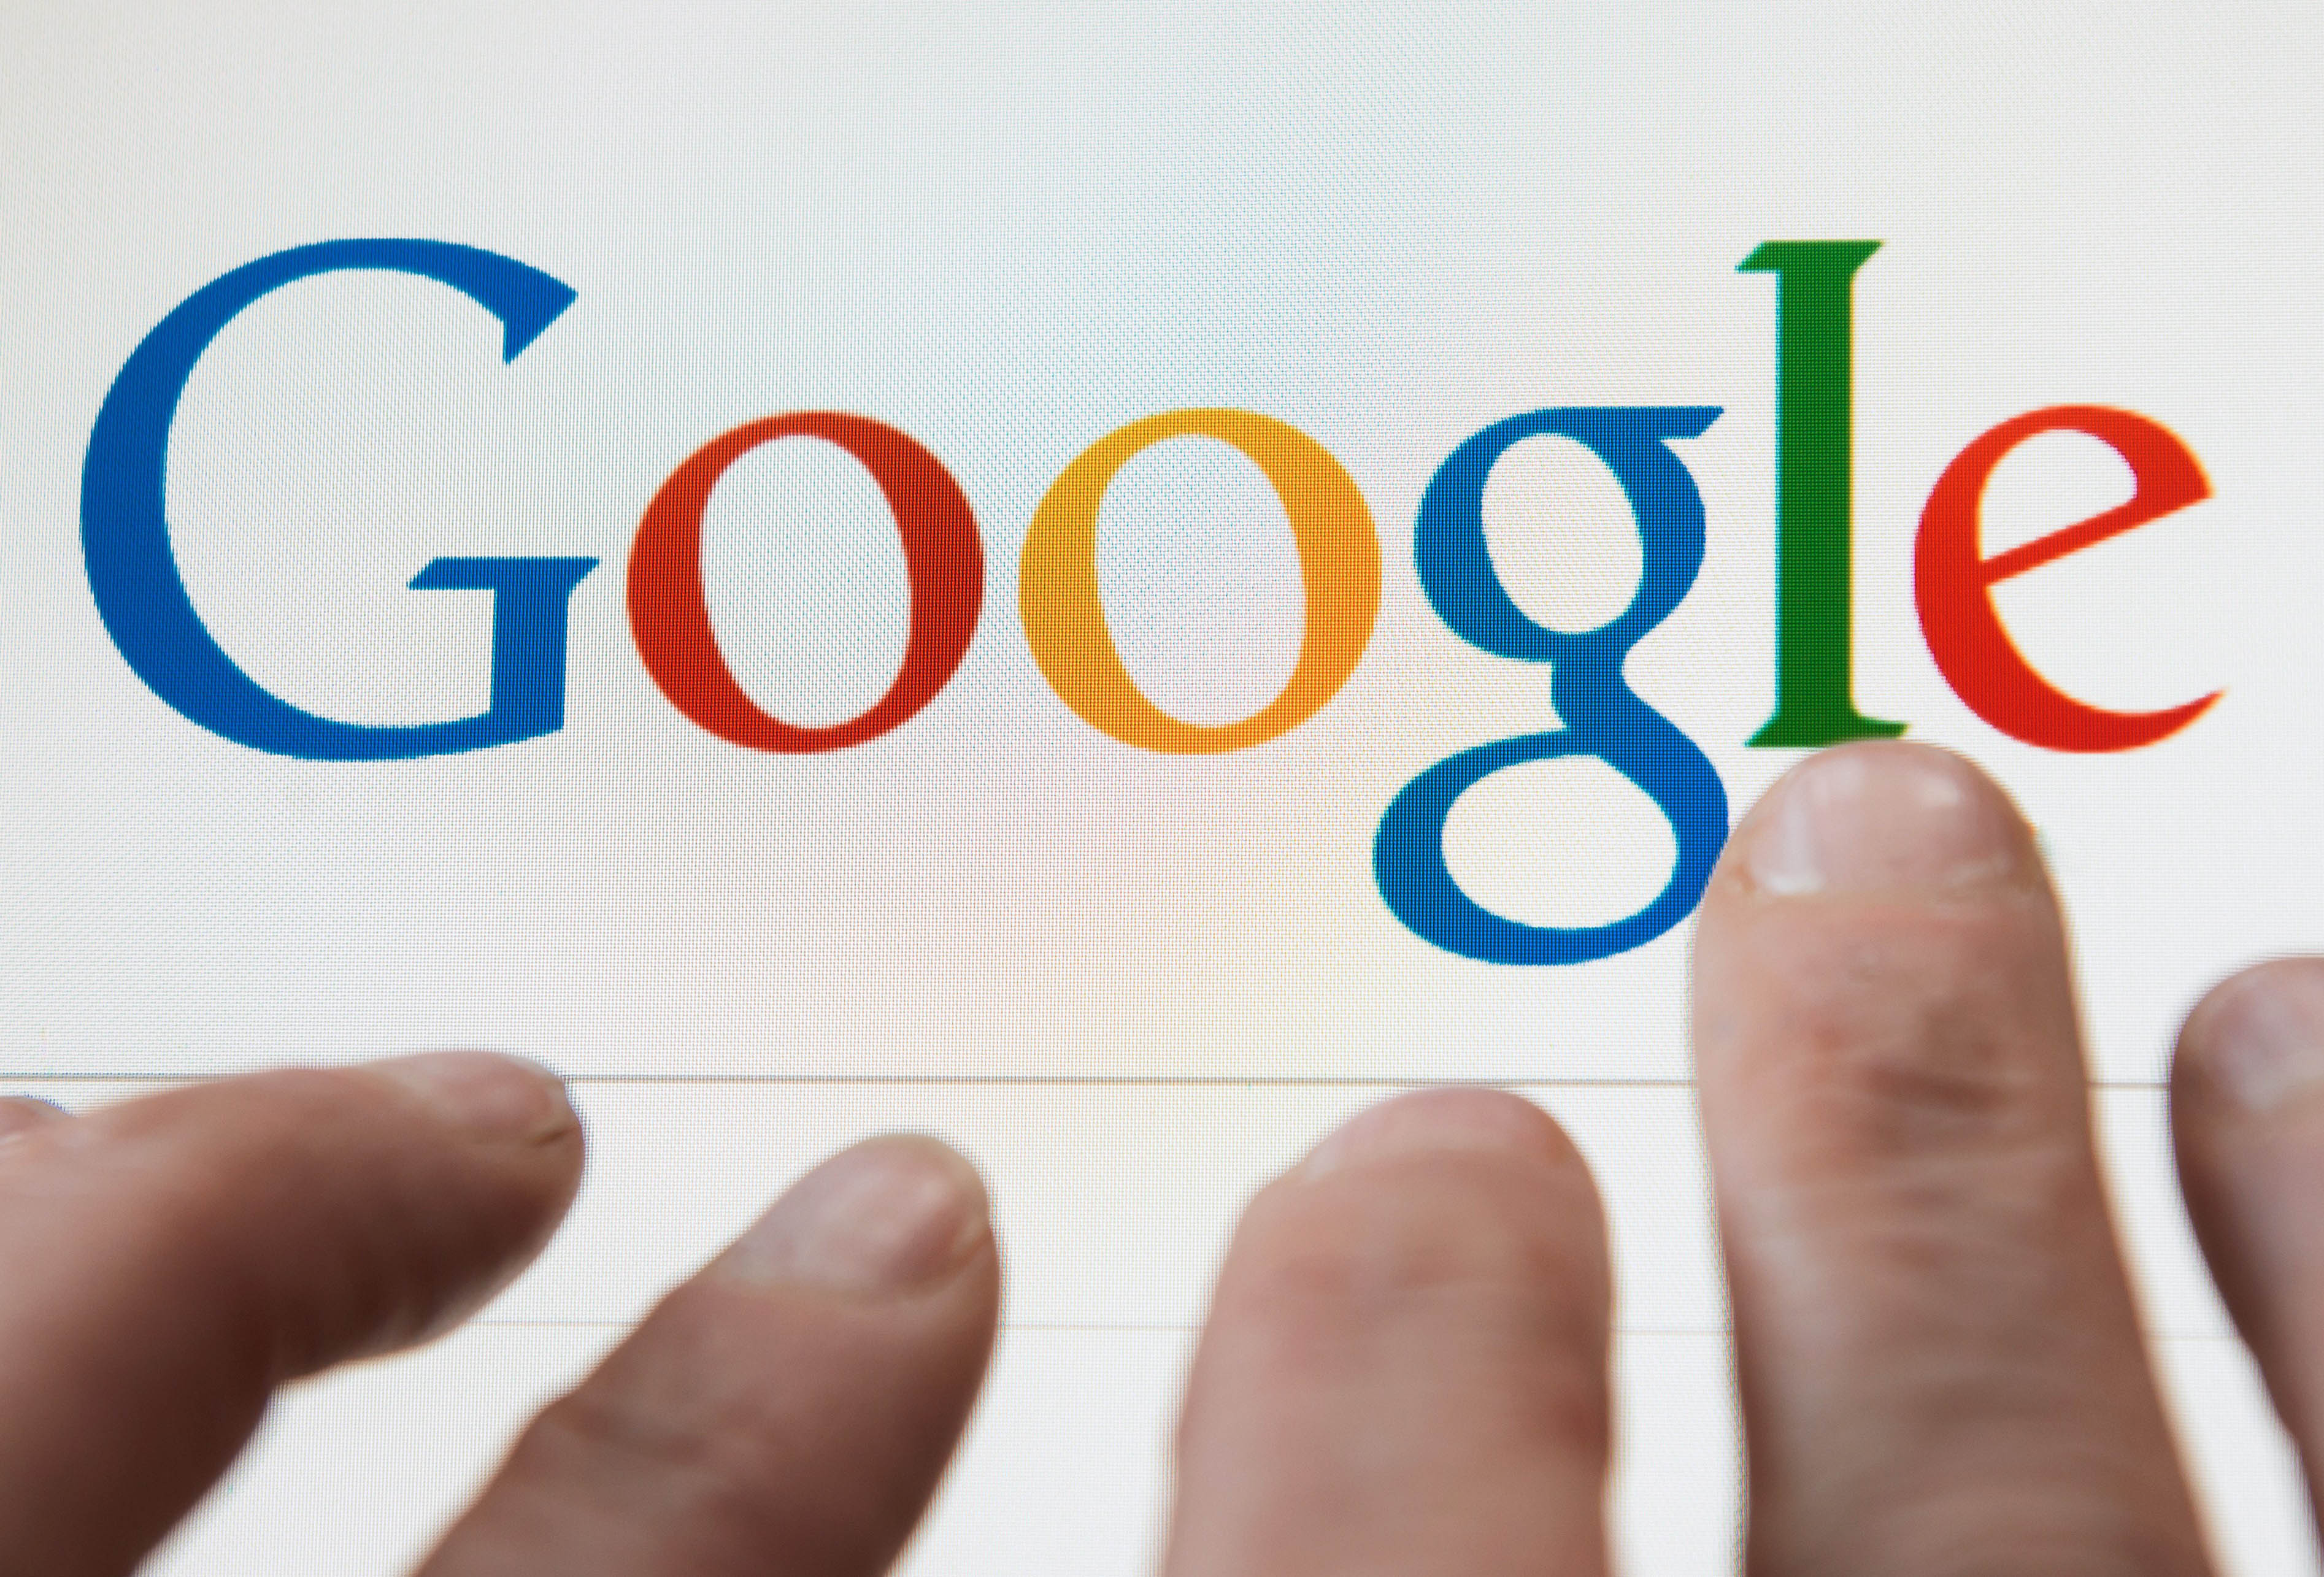 Verhaltenspsychologe Epstein: Google hat mit Suchergebnissen US-Wahlen manipuliert